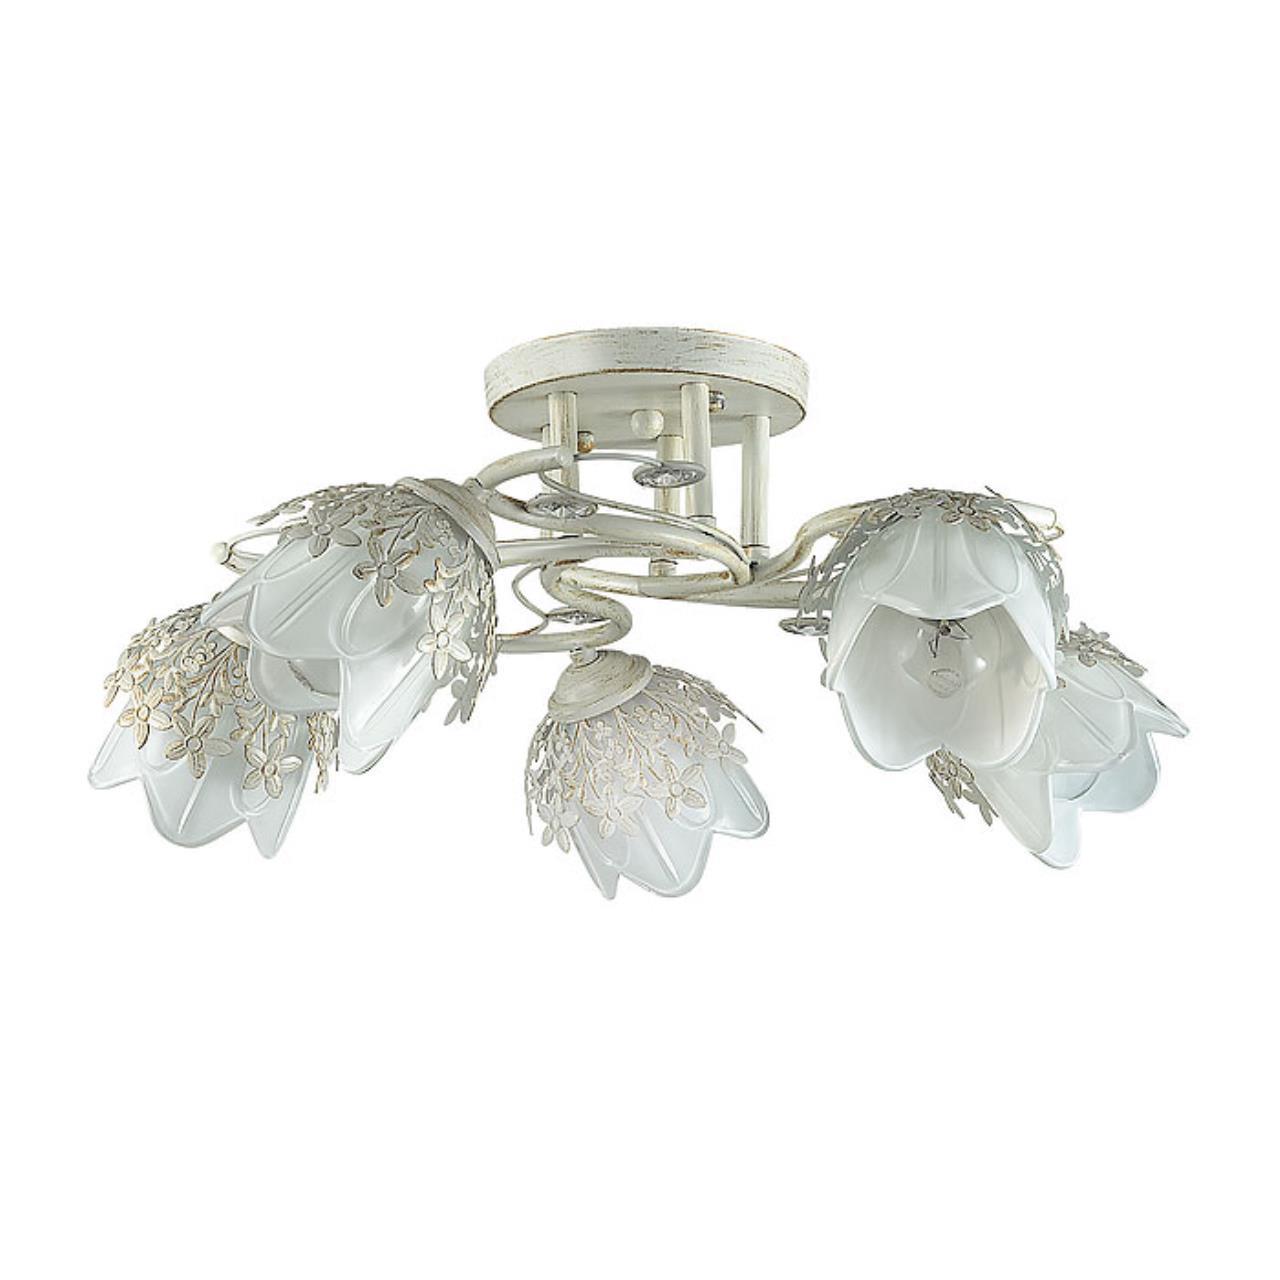 3002/5C COMFI LN16 204 белый/зол. патина/метал. декор/хрусталь Люстра потолочная E14 5*40W 220V FLOR